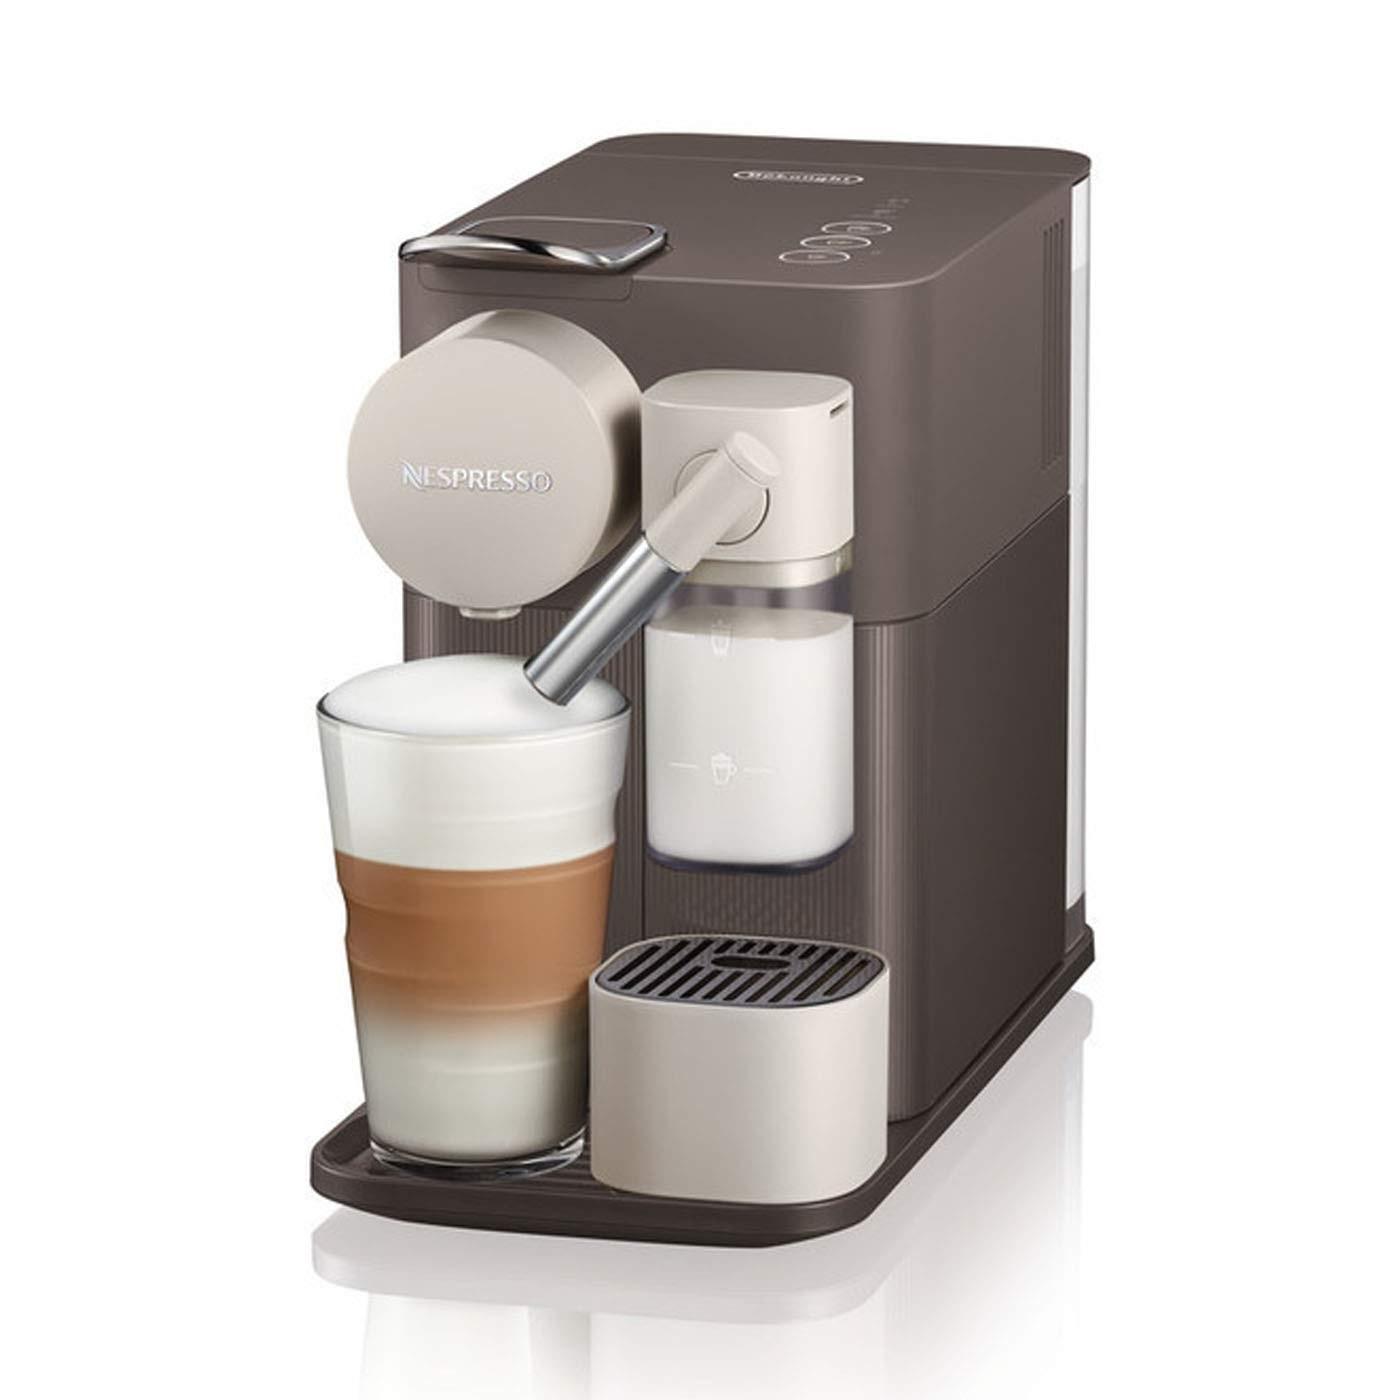 De'Longhi 德龙 Lattissima One EN500.W 胶囊咖啡机 棕色